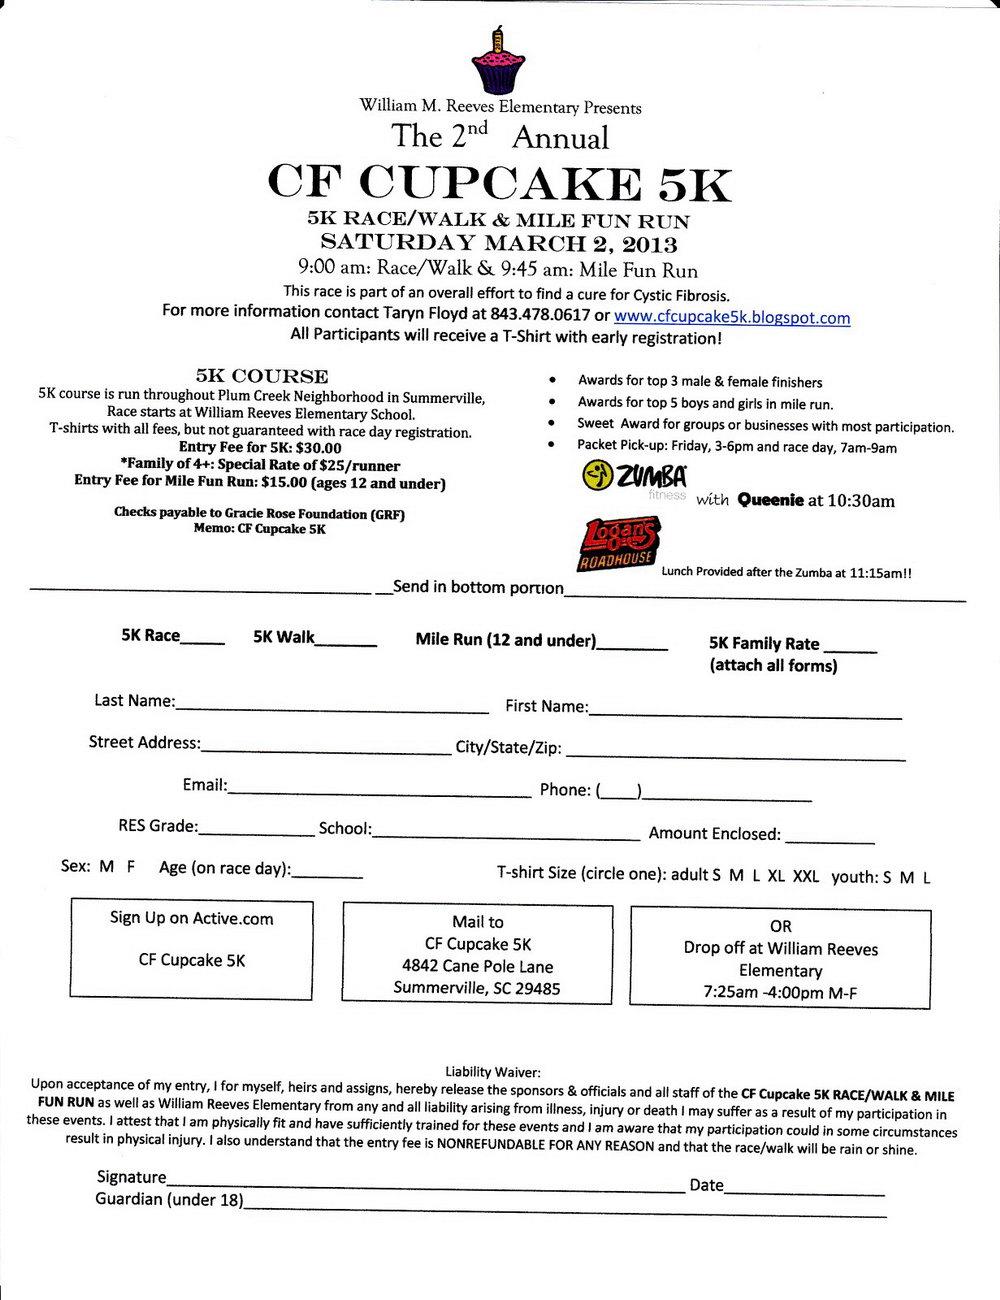 Free 5k Registration Form Template